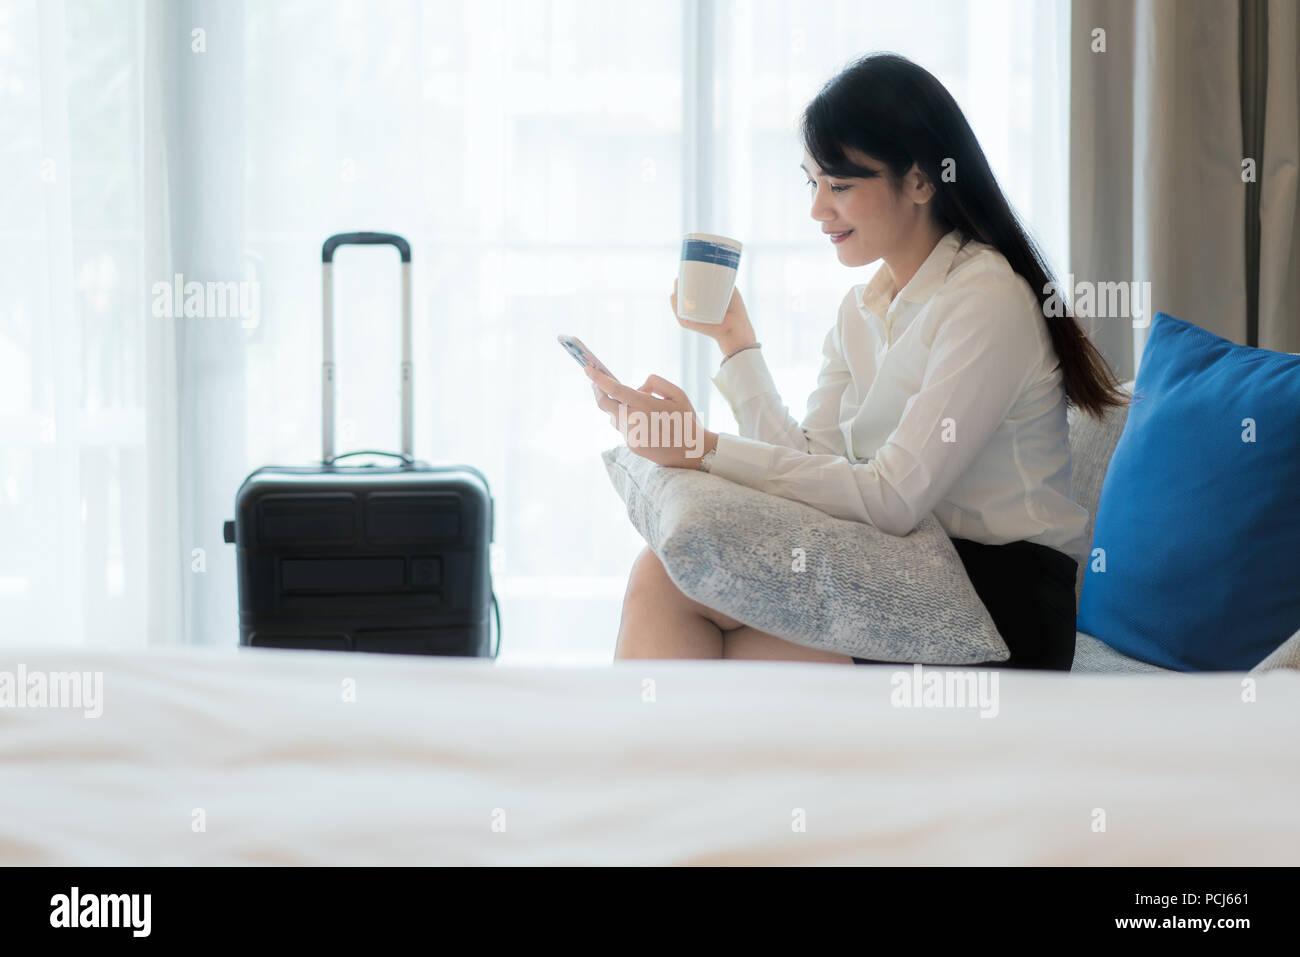 Hermosa asiática sonriente joven empresaria en satisfacer el consumo de café y el uso del teléfono móvil mientras se está sentado en el sofá en la habitación del hotel. Los viajes de negocios. Foto de stock